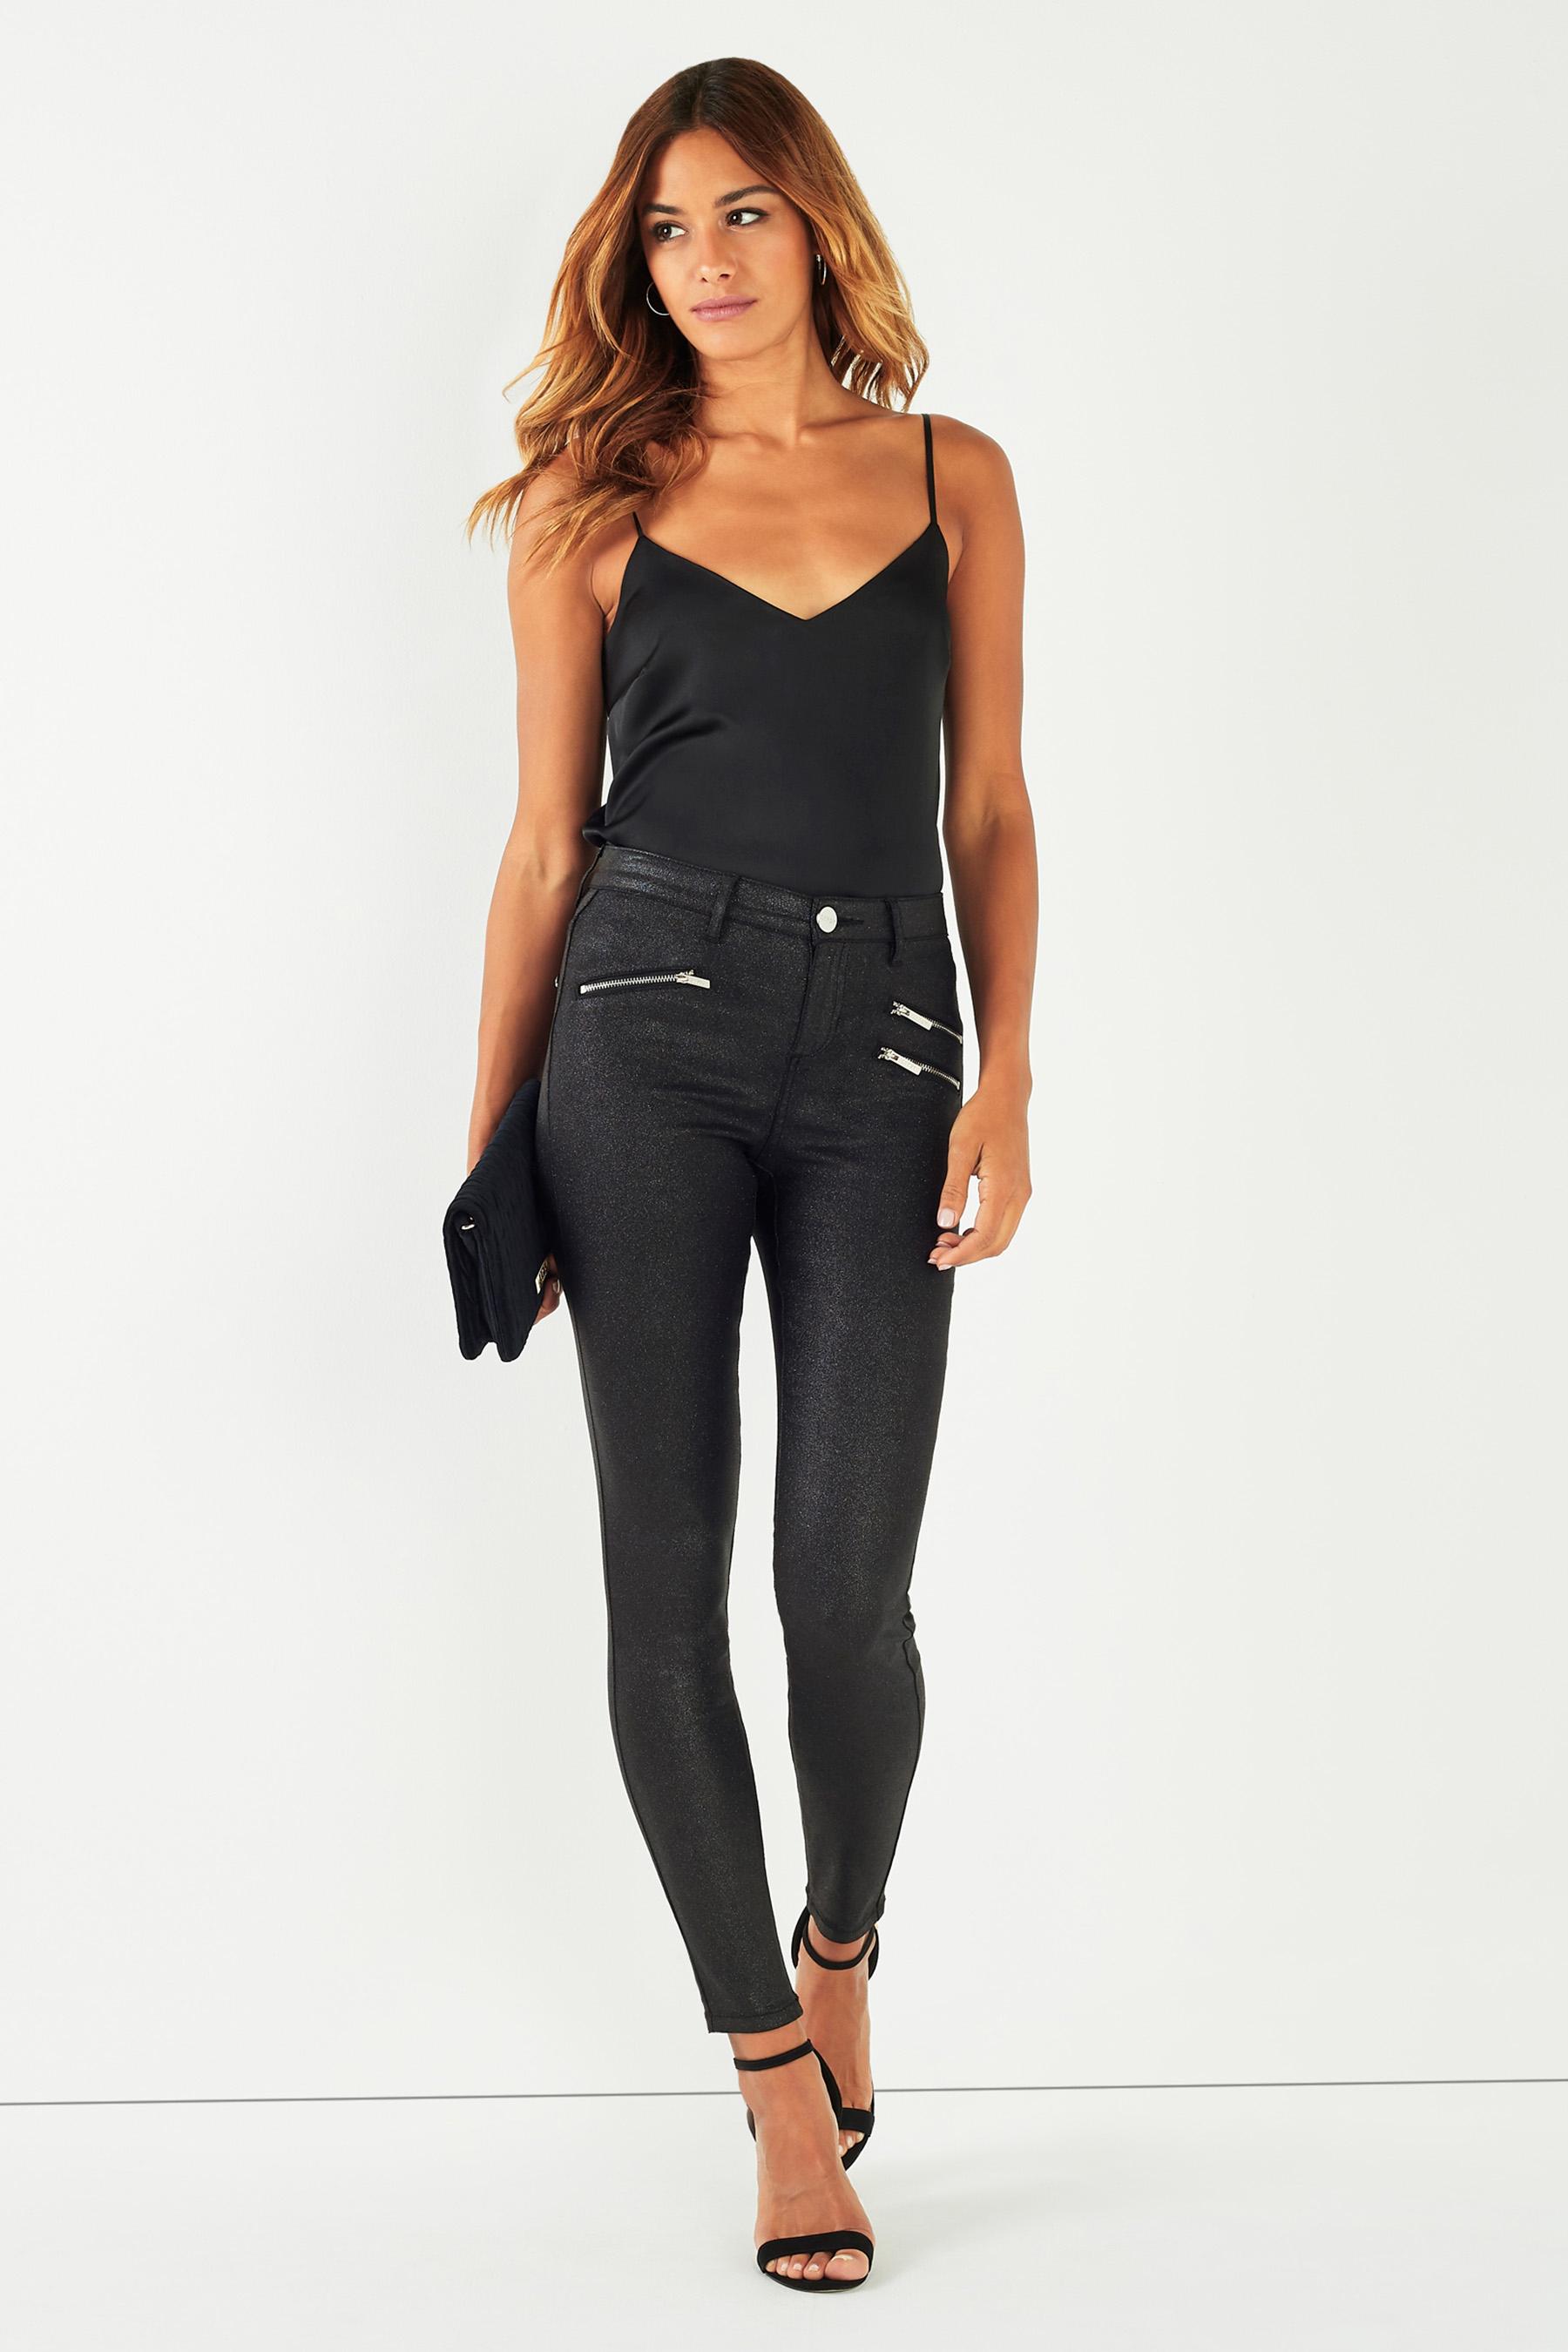 30b77c4401070d Womens Lipsy Kate Mid Rise Skinny Premium Glitter Coated Regular Length  Jeans - Black